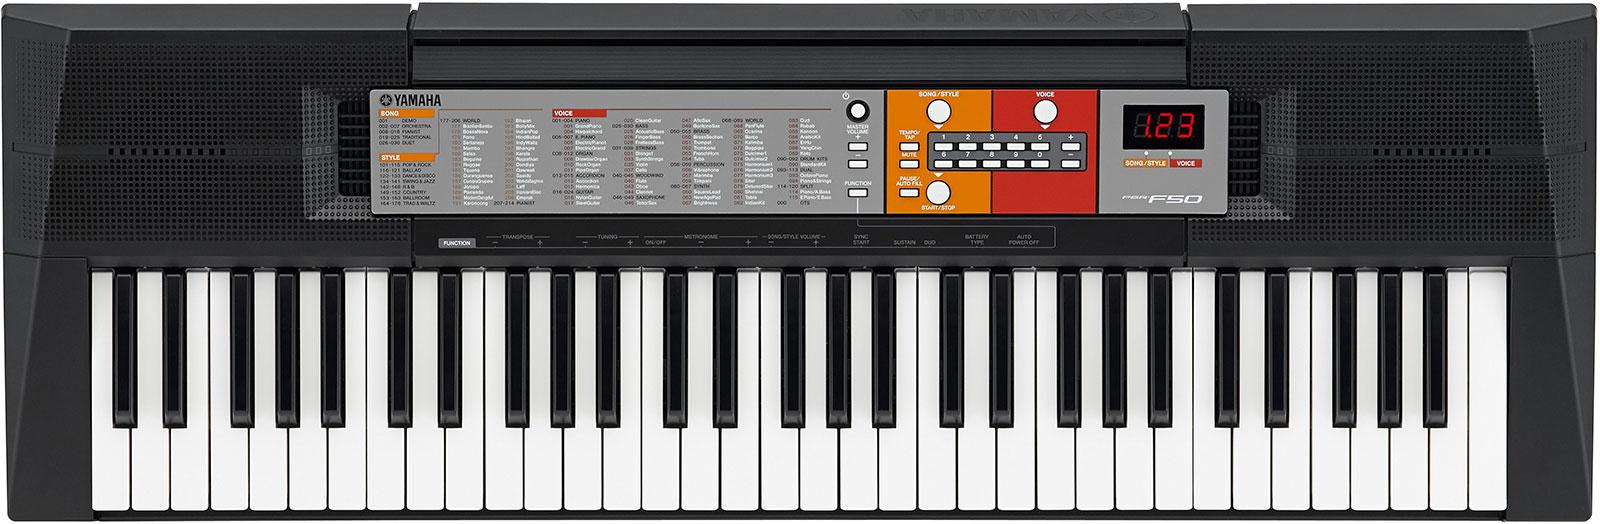 Portable keyboard Yamaha PSR-F50